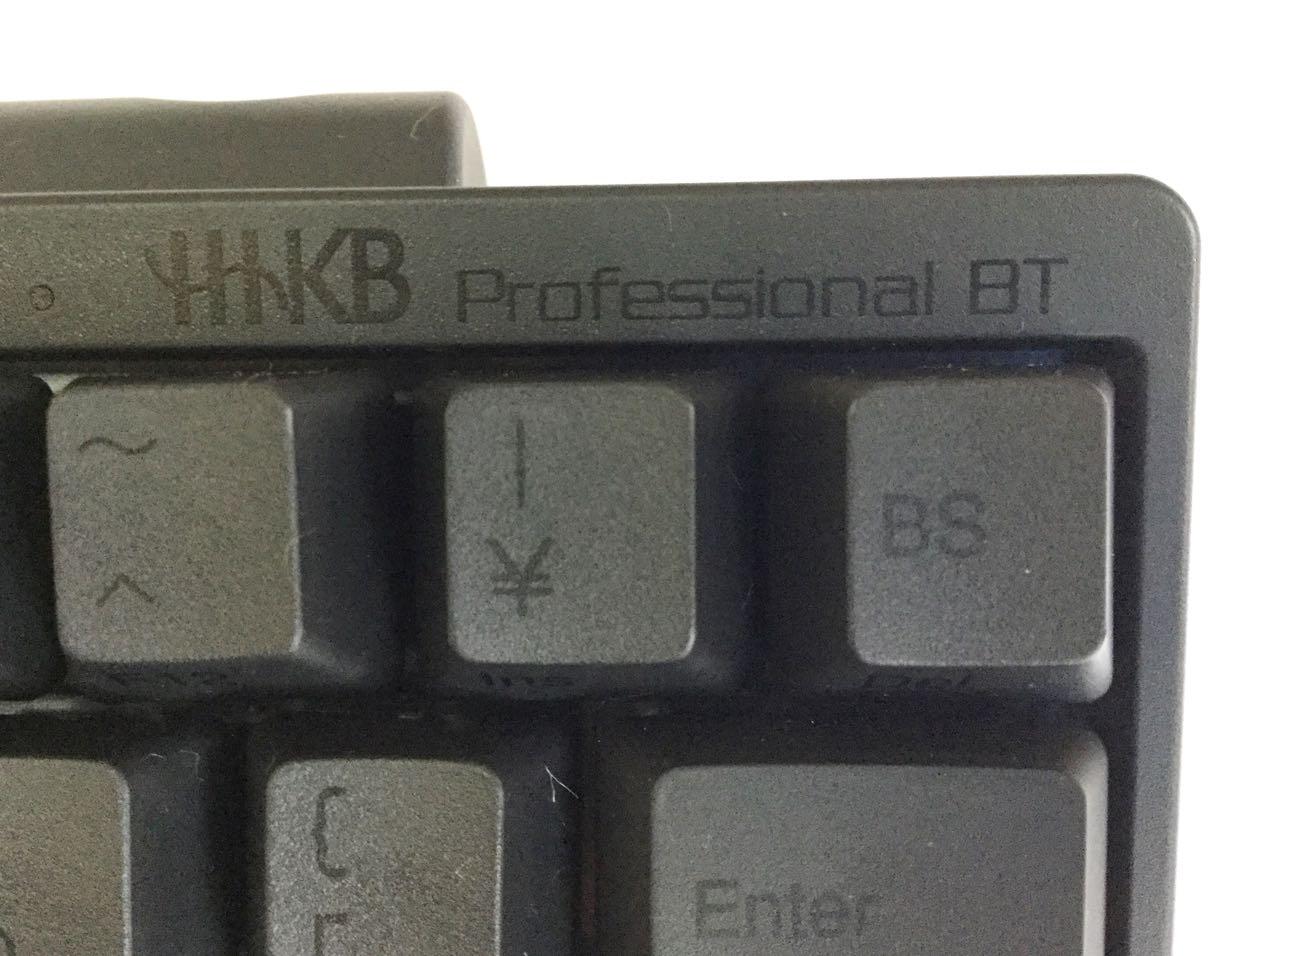 とにかくムダを省き使いやすさとコンパクトさを両立させた最強キーボード